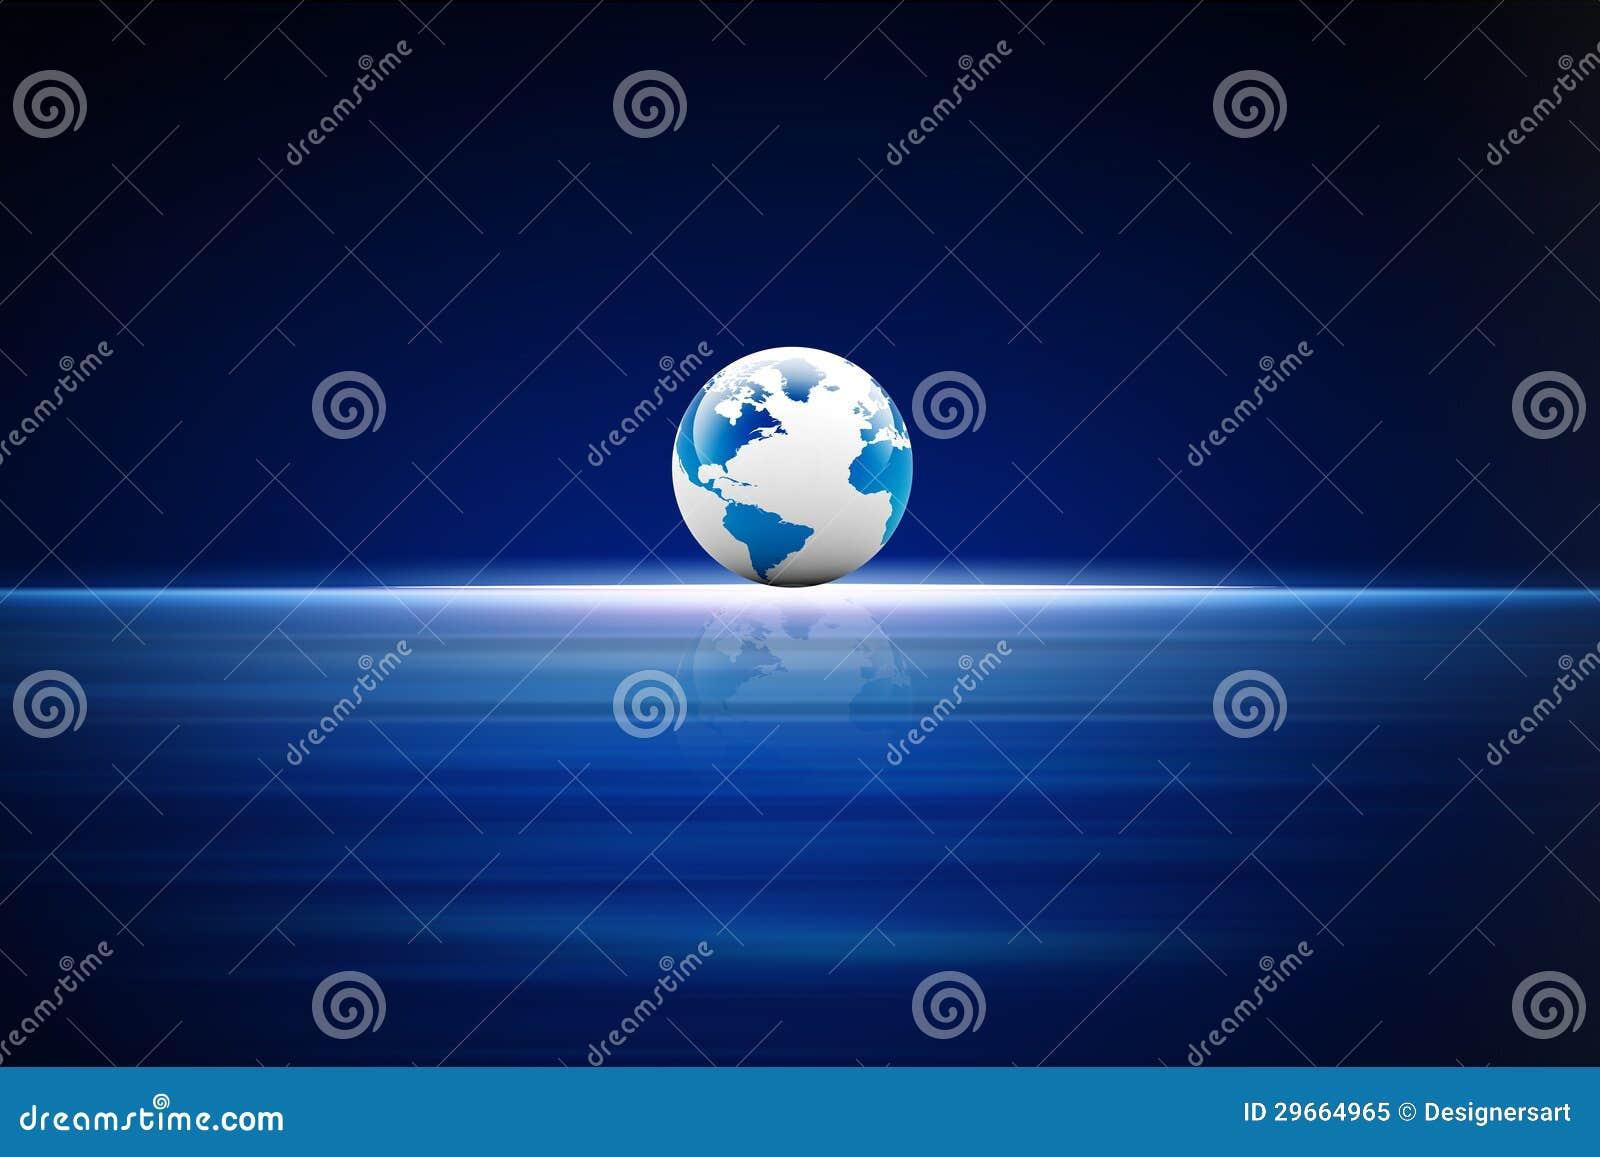 Digitale aarde